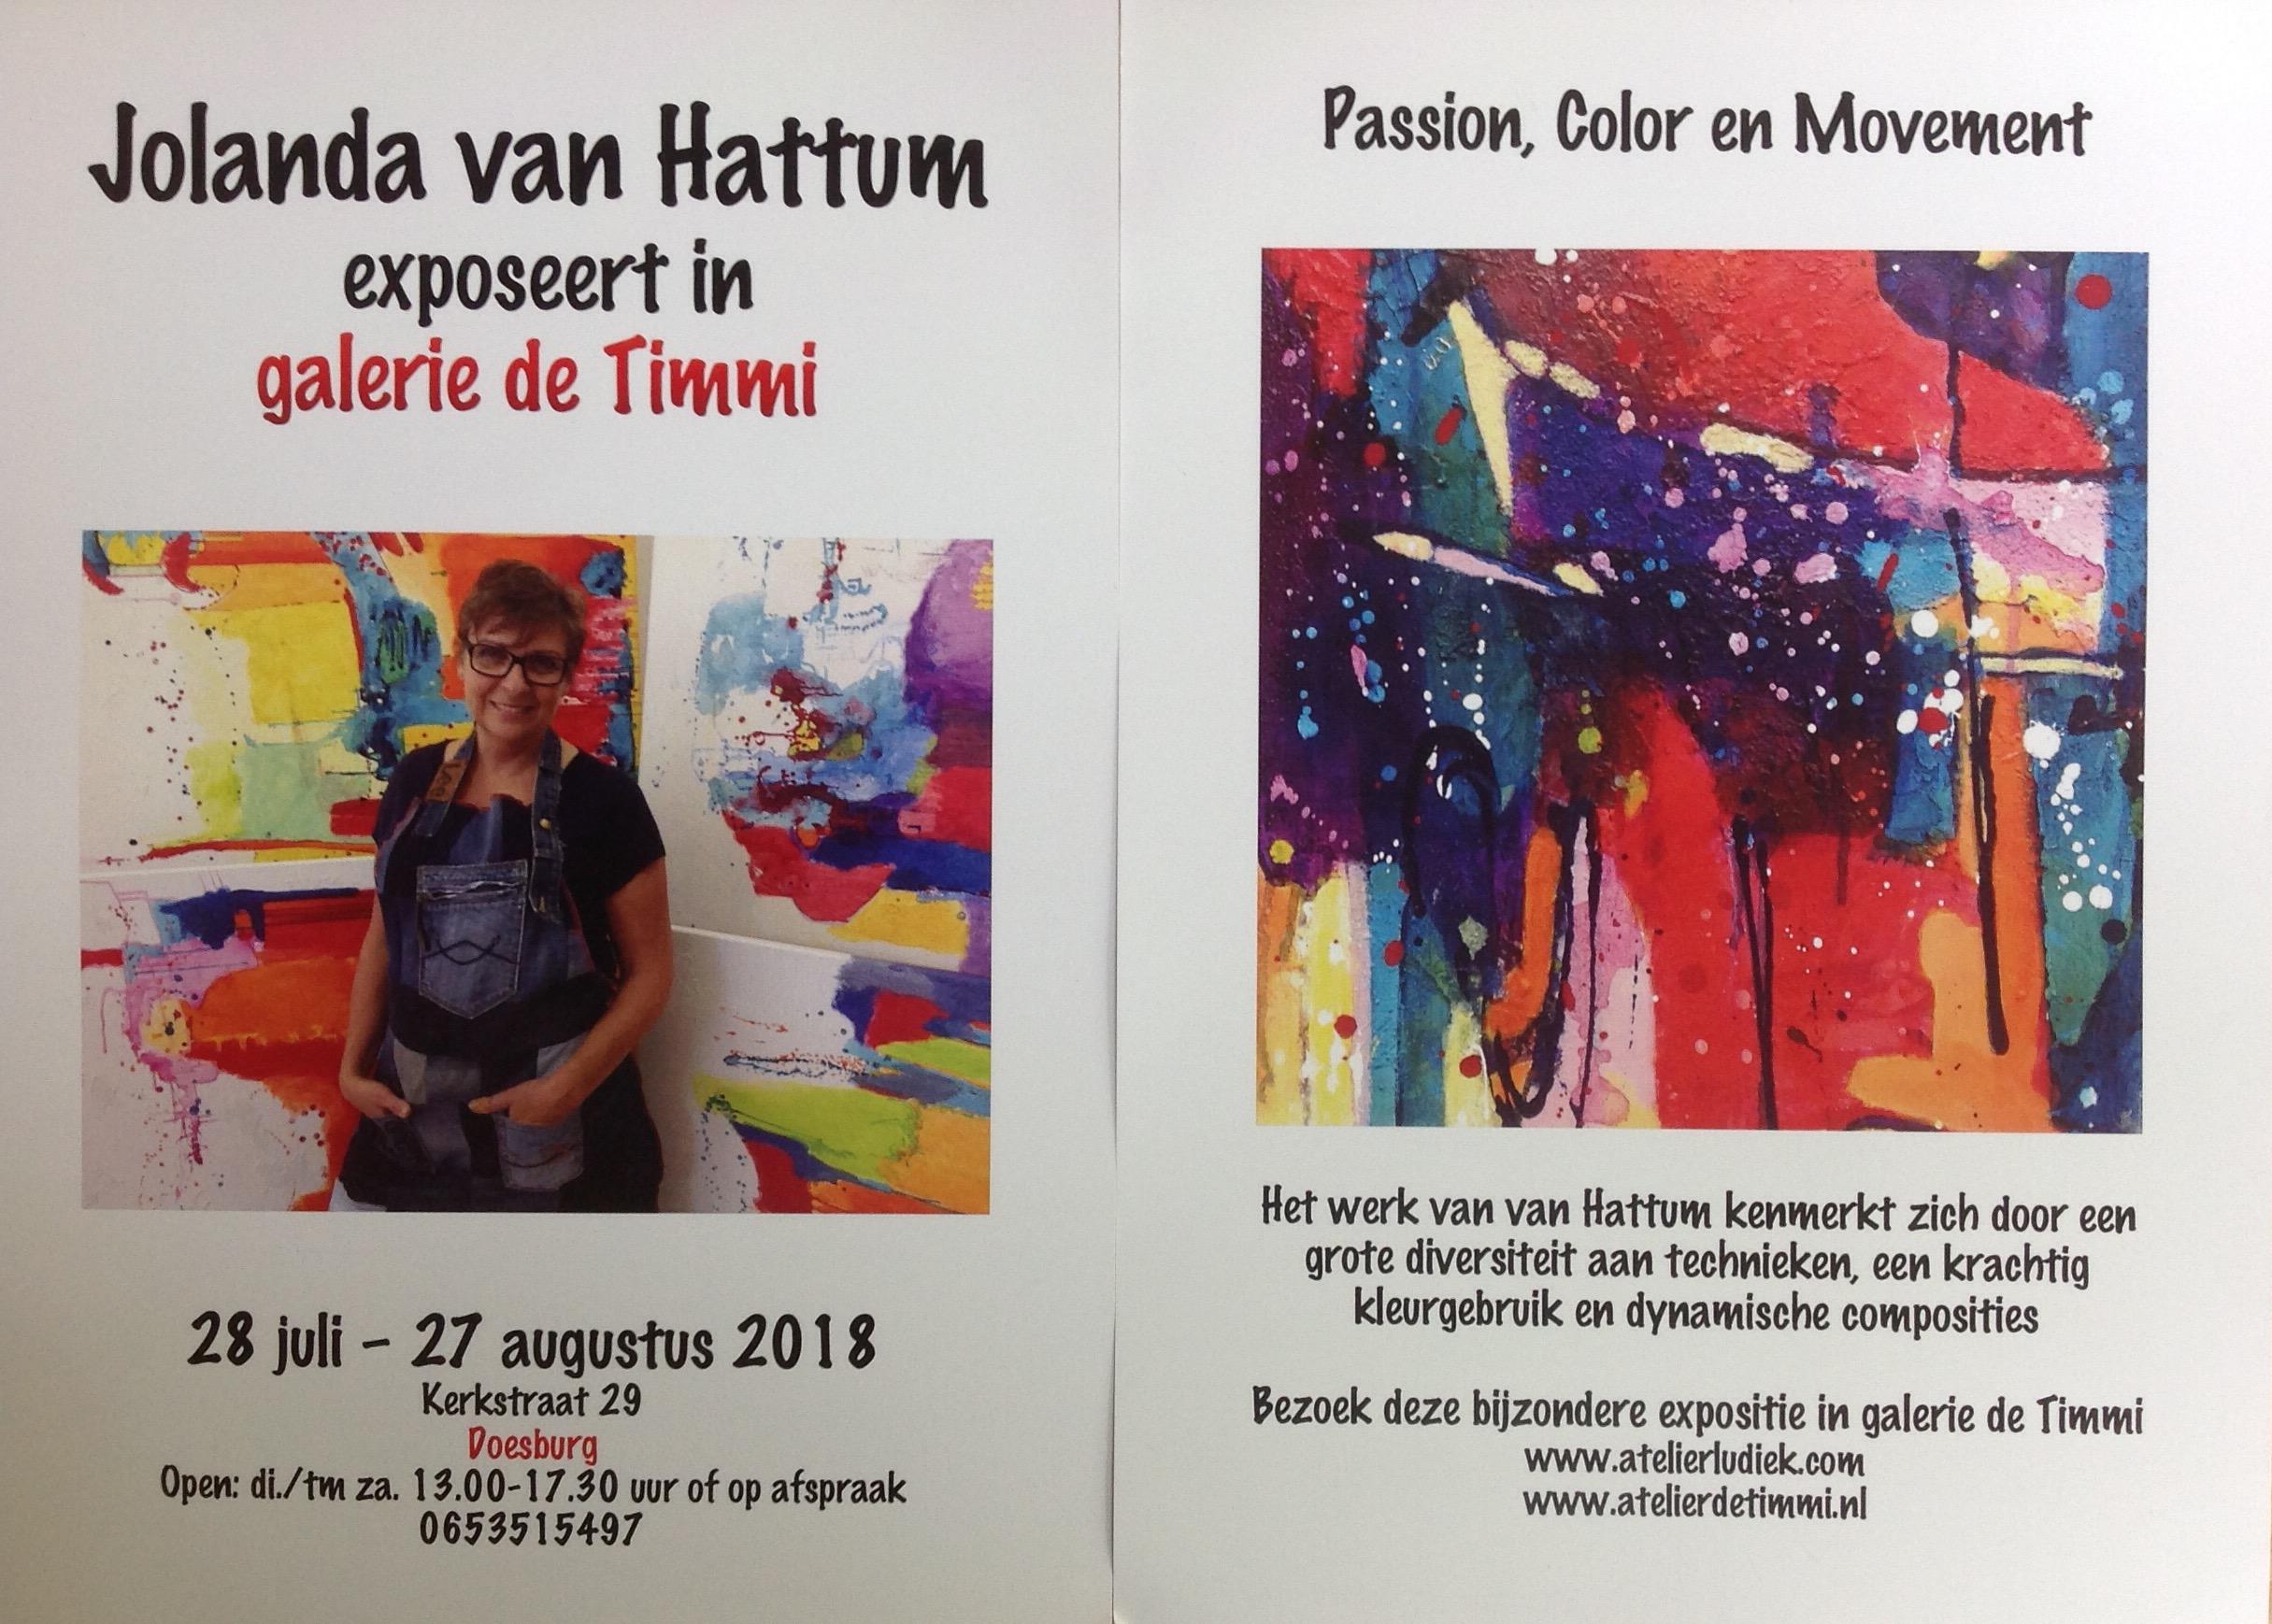 Flyers/ uitnodiging expositie Galerie De Timmi, Doesburg. Expositie t/m 26 augustus. Welkom. Zondag 5 en 26 augustus ook open.